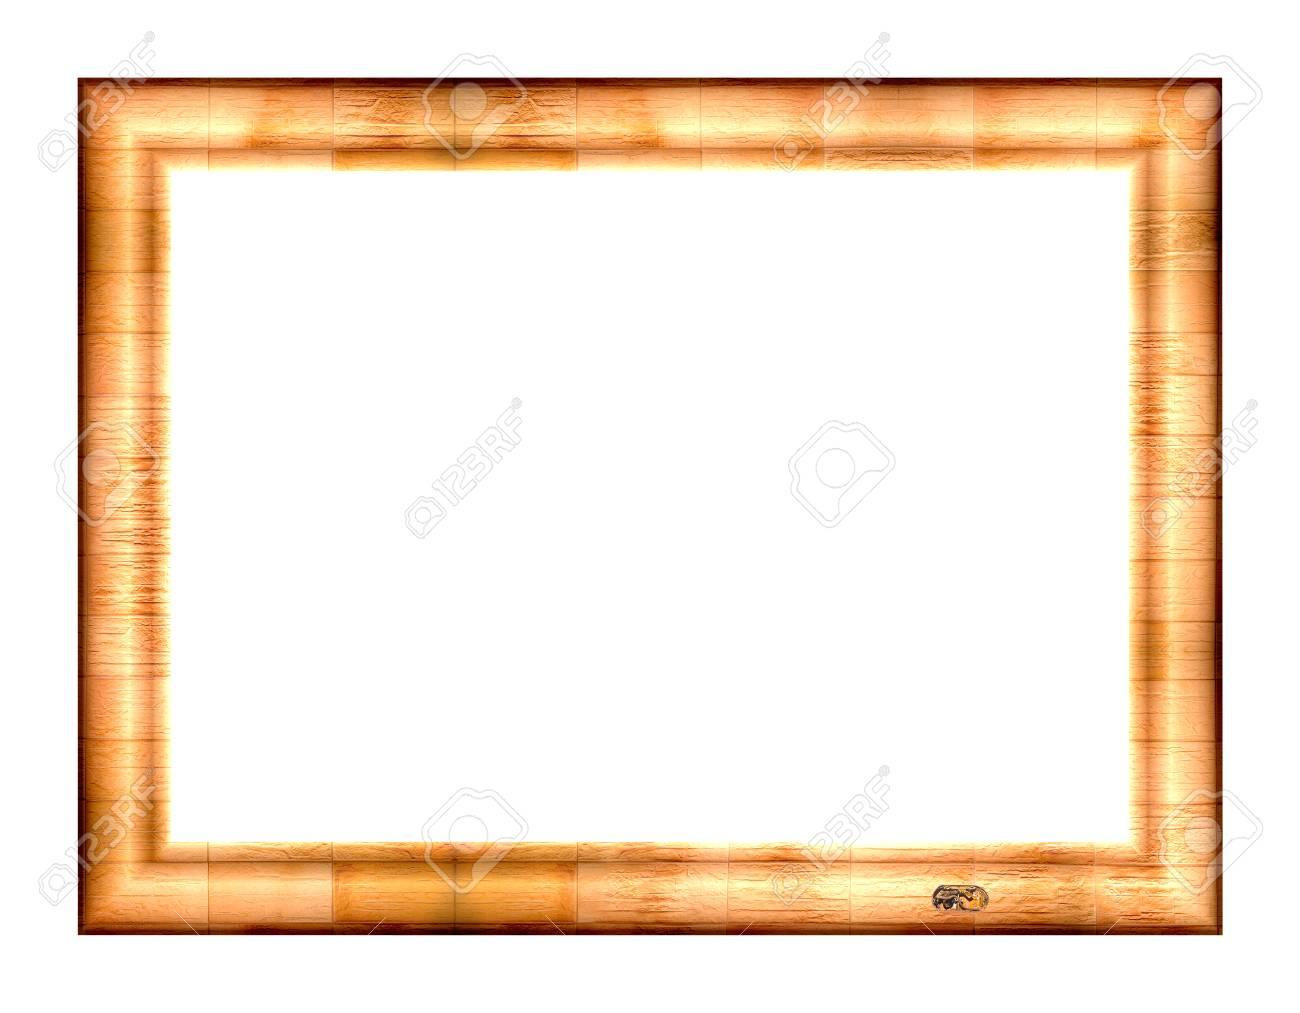 vider cadre photo en relief tons jaune-orange, isolés sur un fond